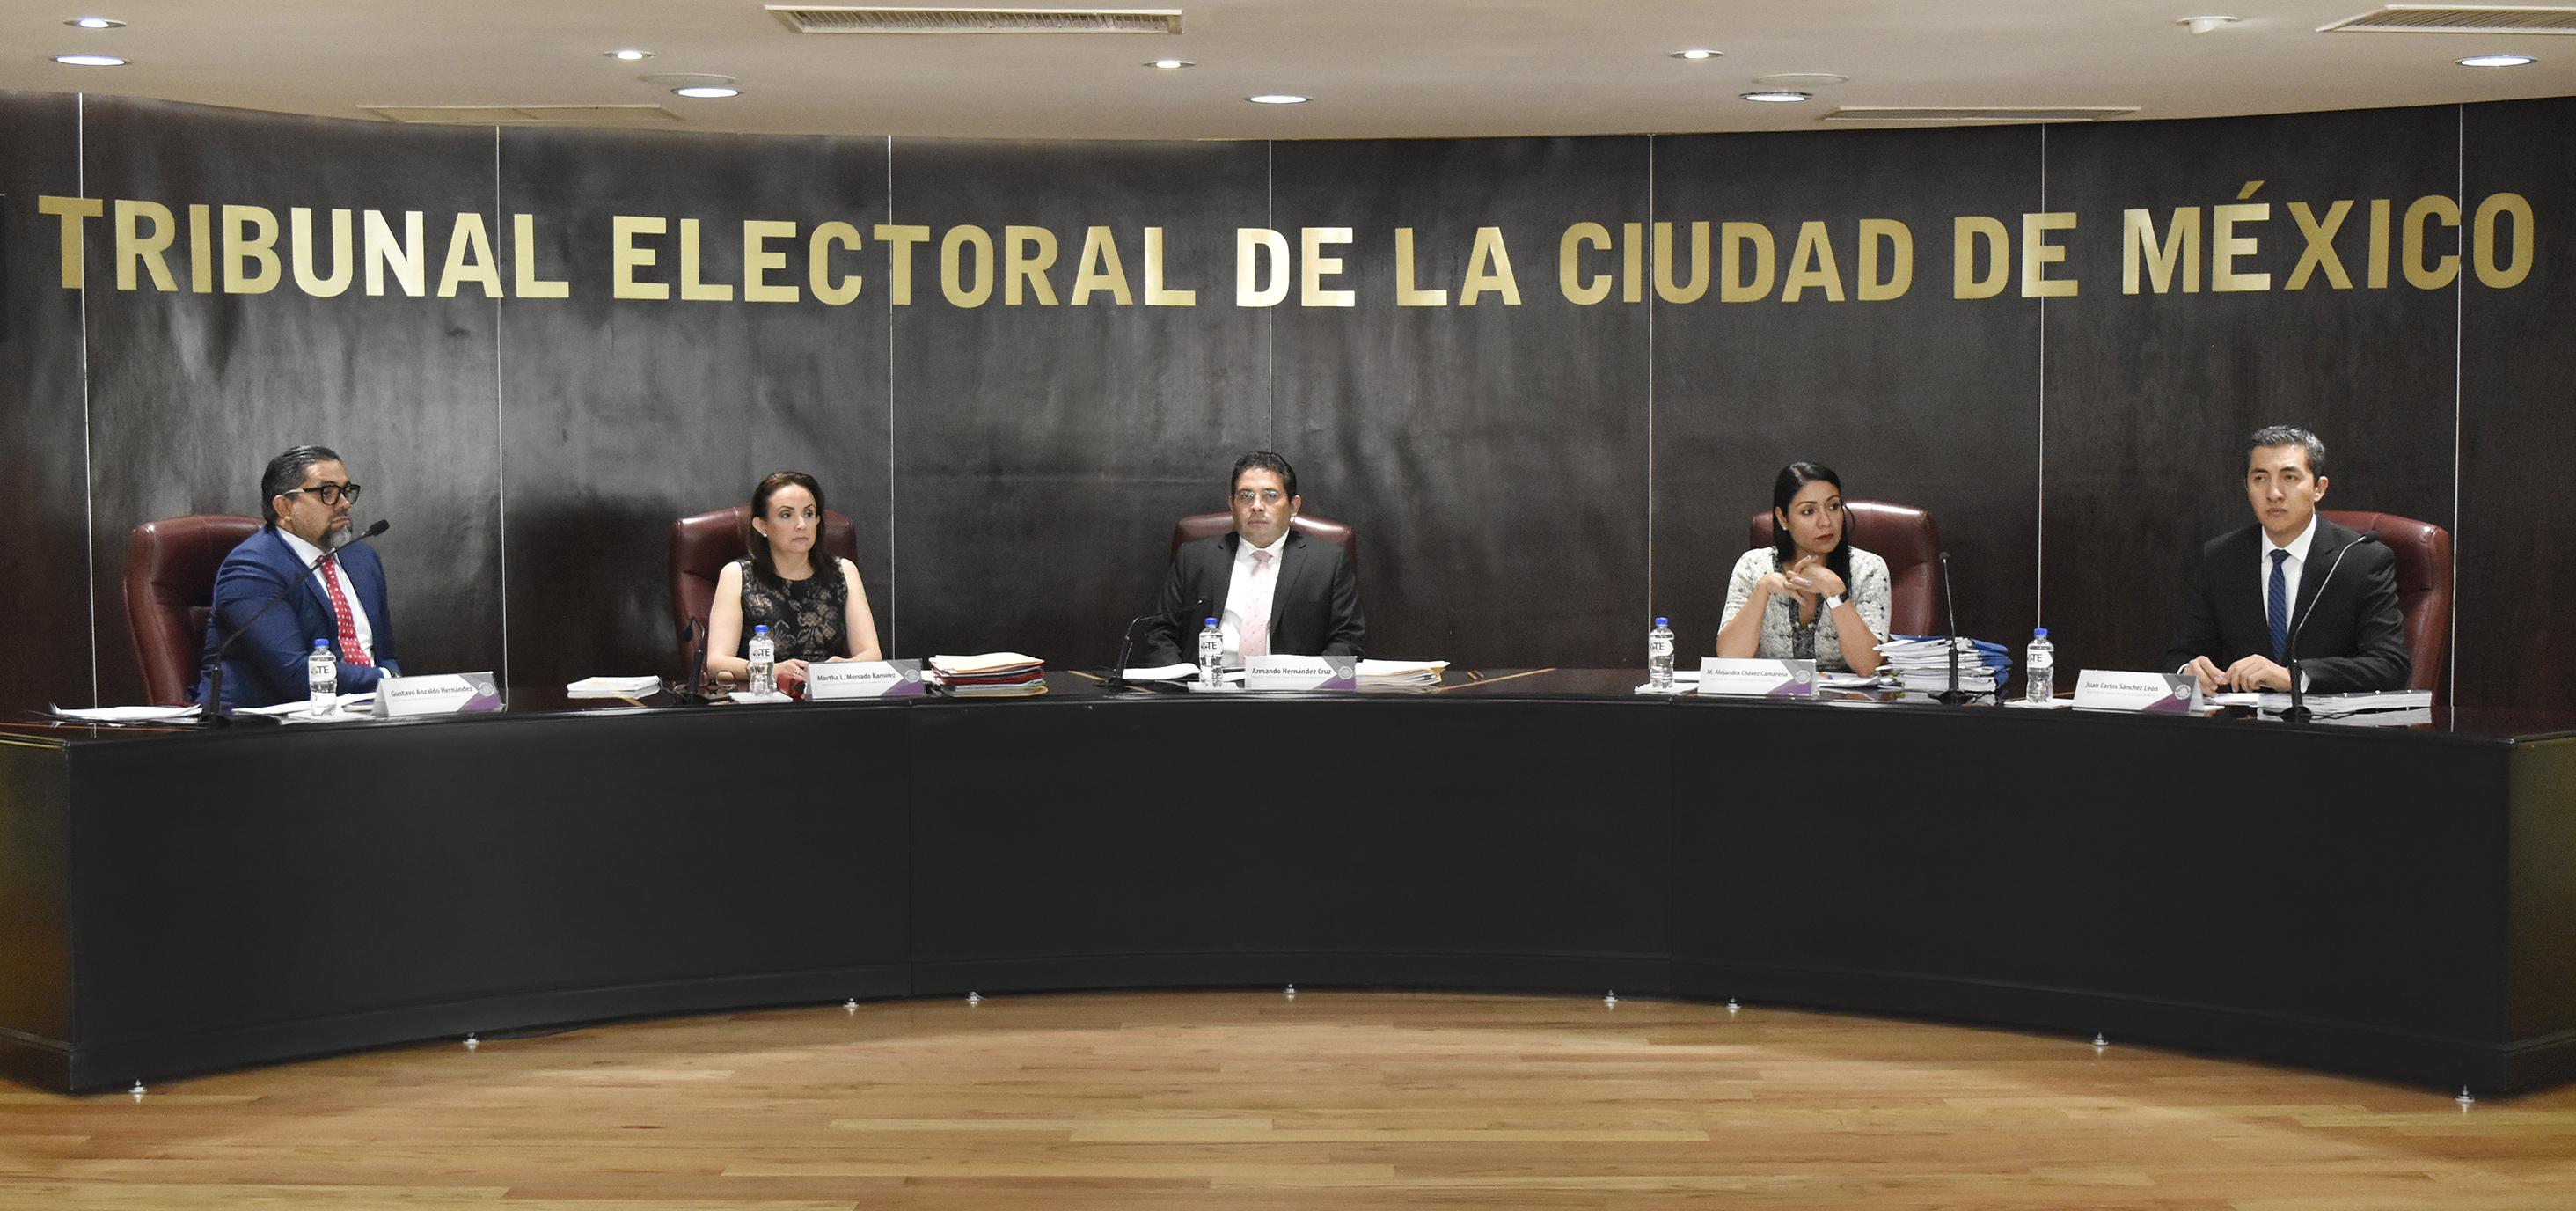 Confirma TECDMX acuerdo del IECM donde se determinó distribución de gastos de campaña a las candidaturas a la Jefatura de Gobierno